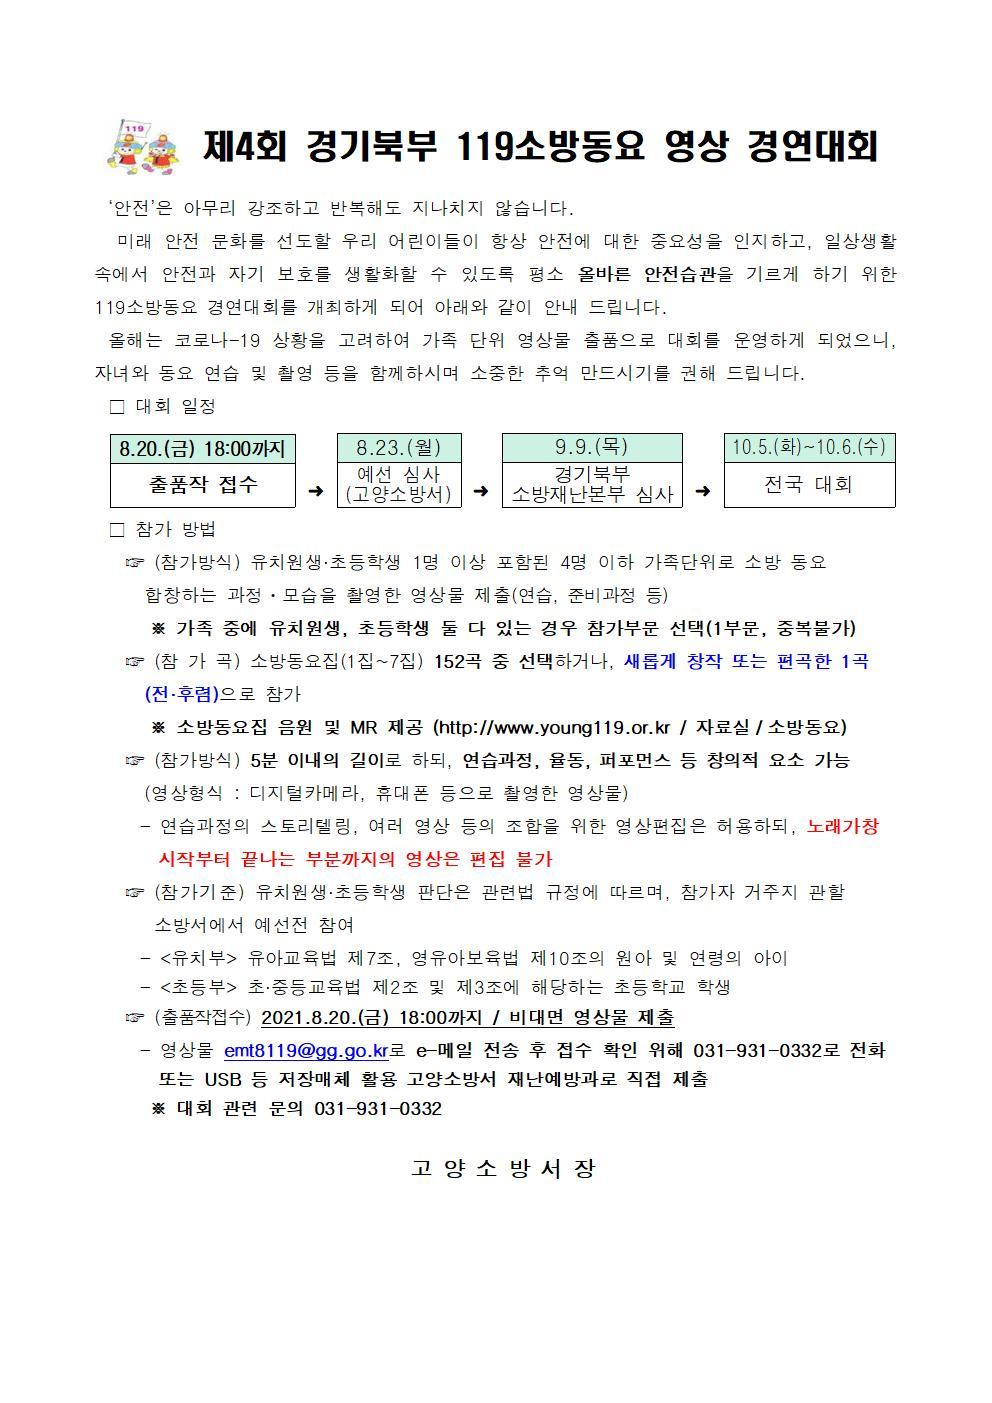 [일반] 제4회 경기북부 119소방 동요대회 안내의 첨부이미지 1